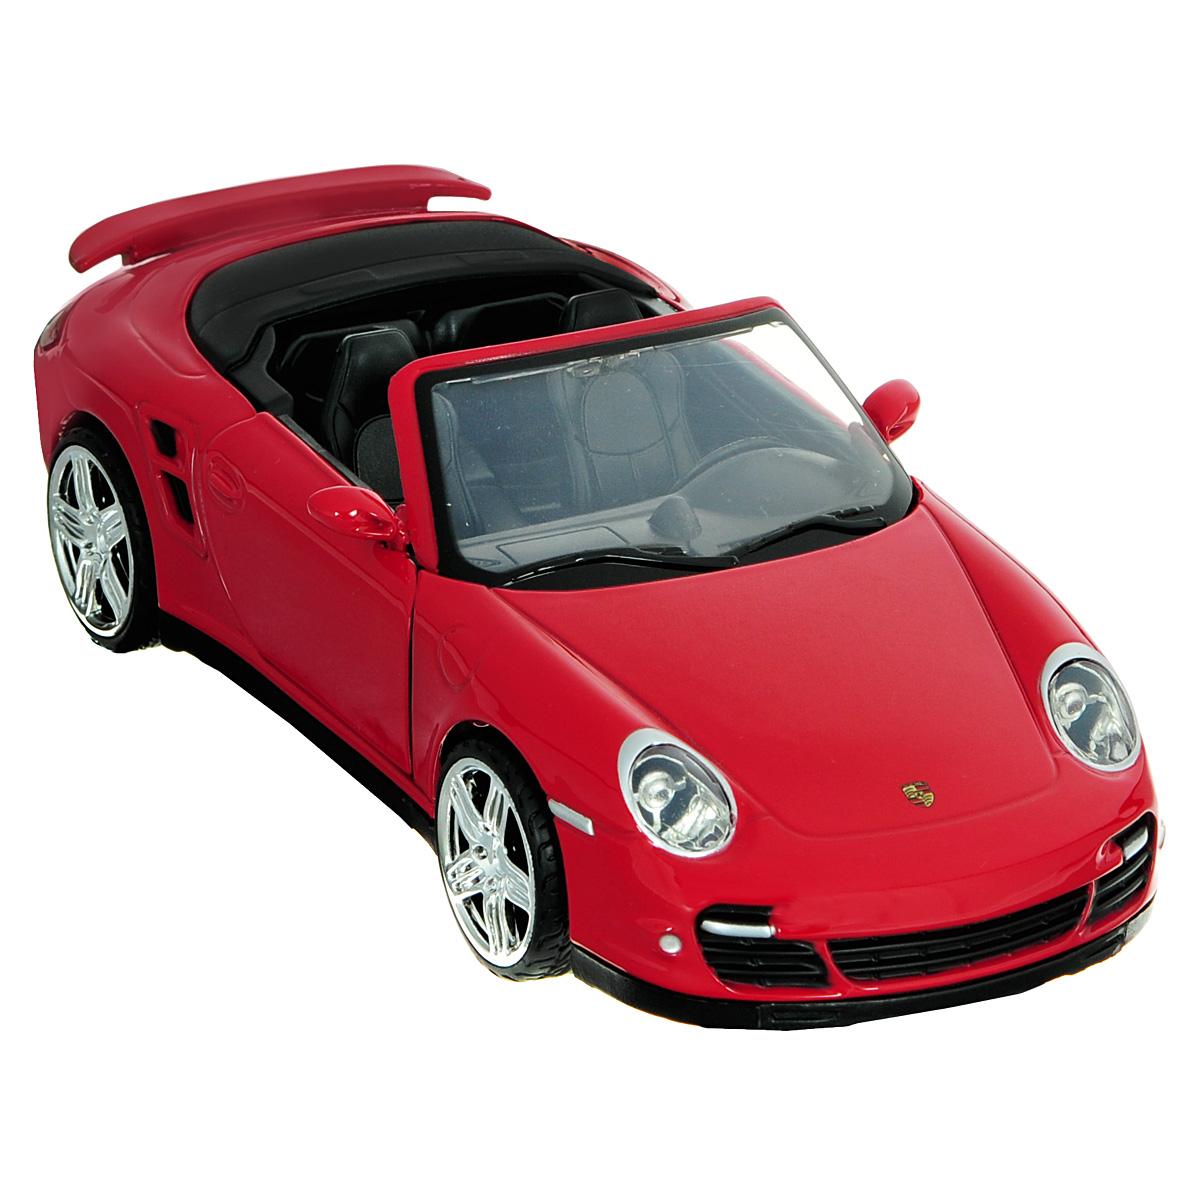 Коллекционная модель MotorMax Porsche 911 Turbo Cabriolet, цвет: красный. Масштаб 1/24 модель машины schuco n191 1 87 911